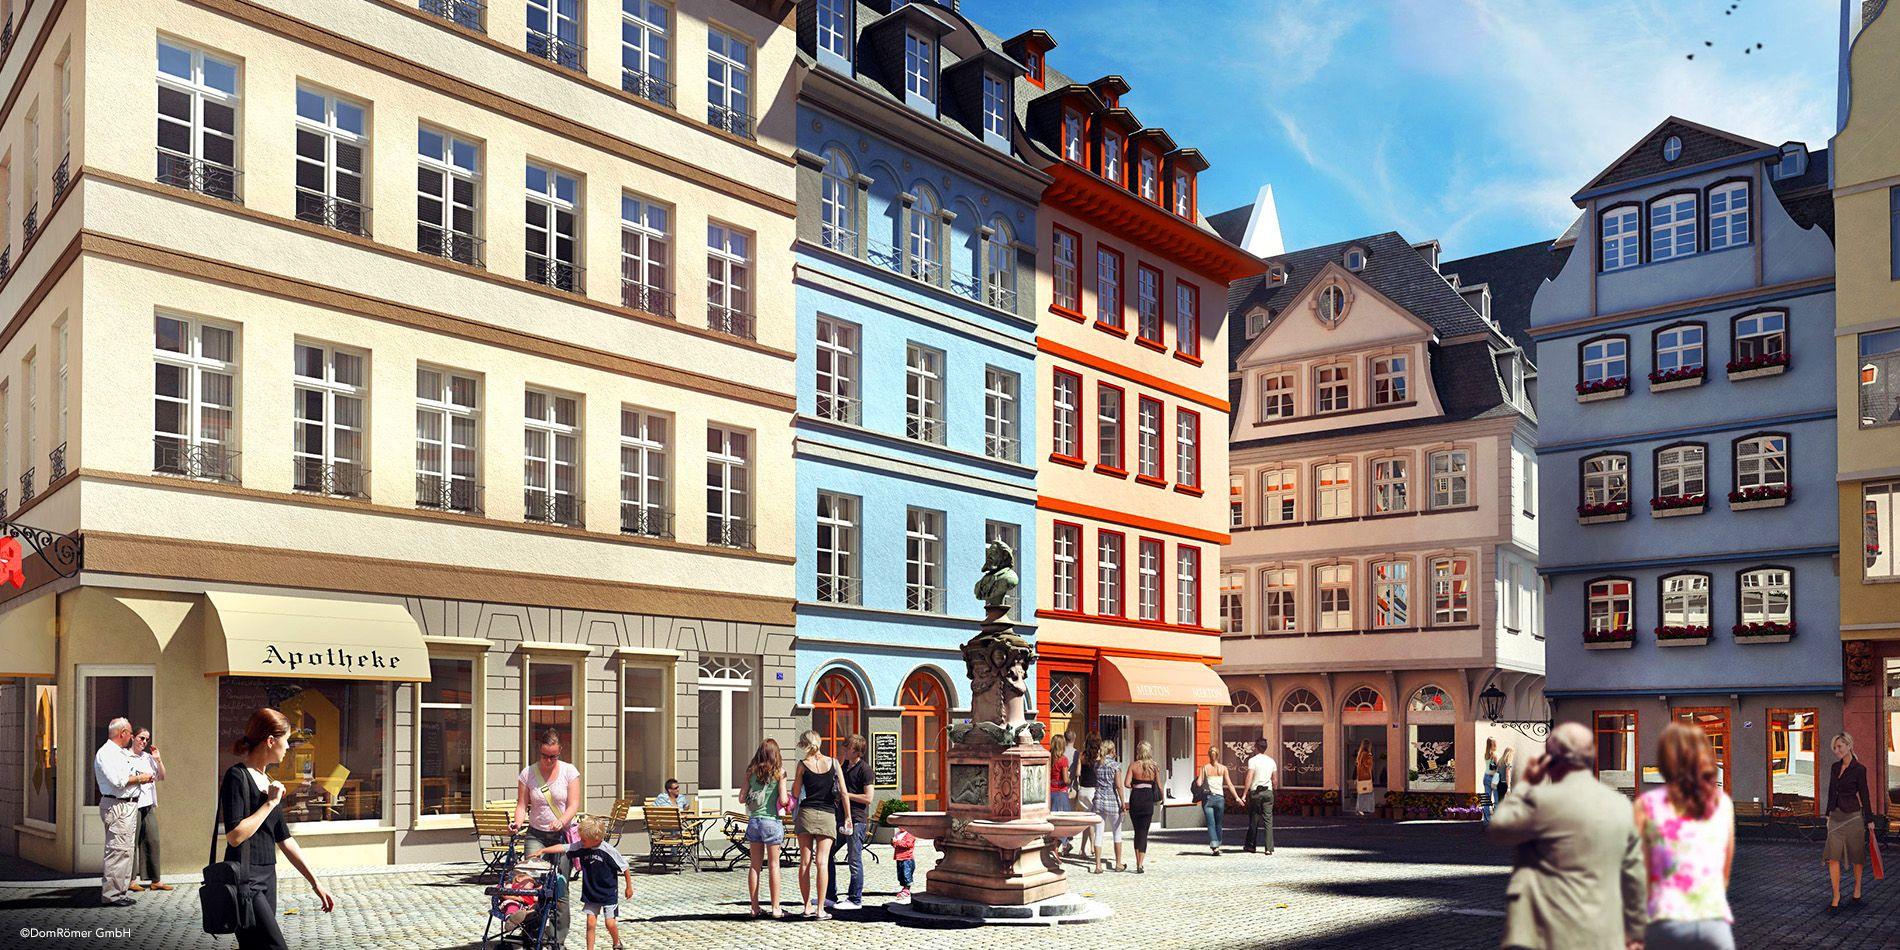 © DomRömer GmbH / Allemagne Tourisme